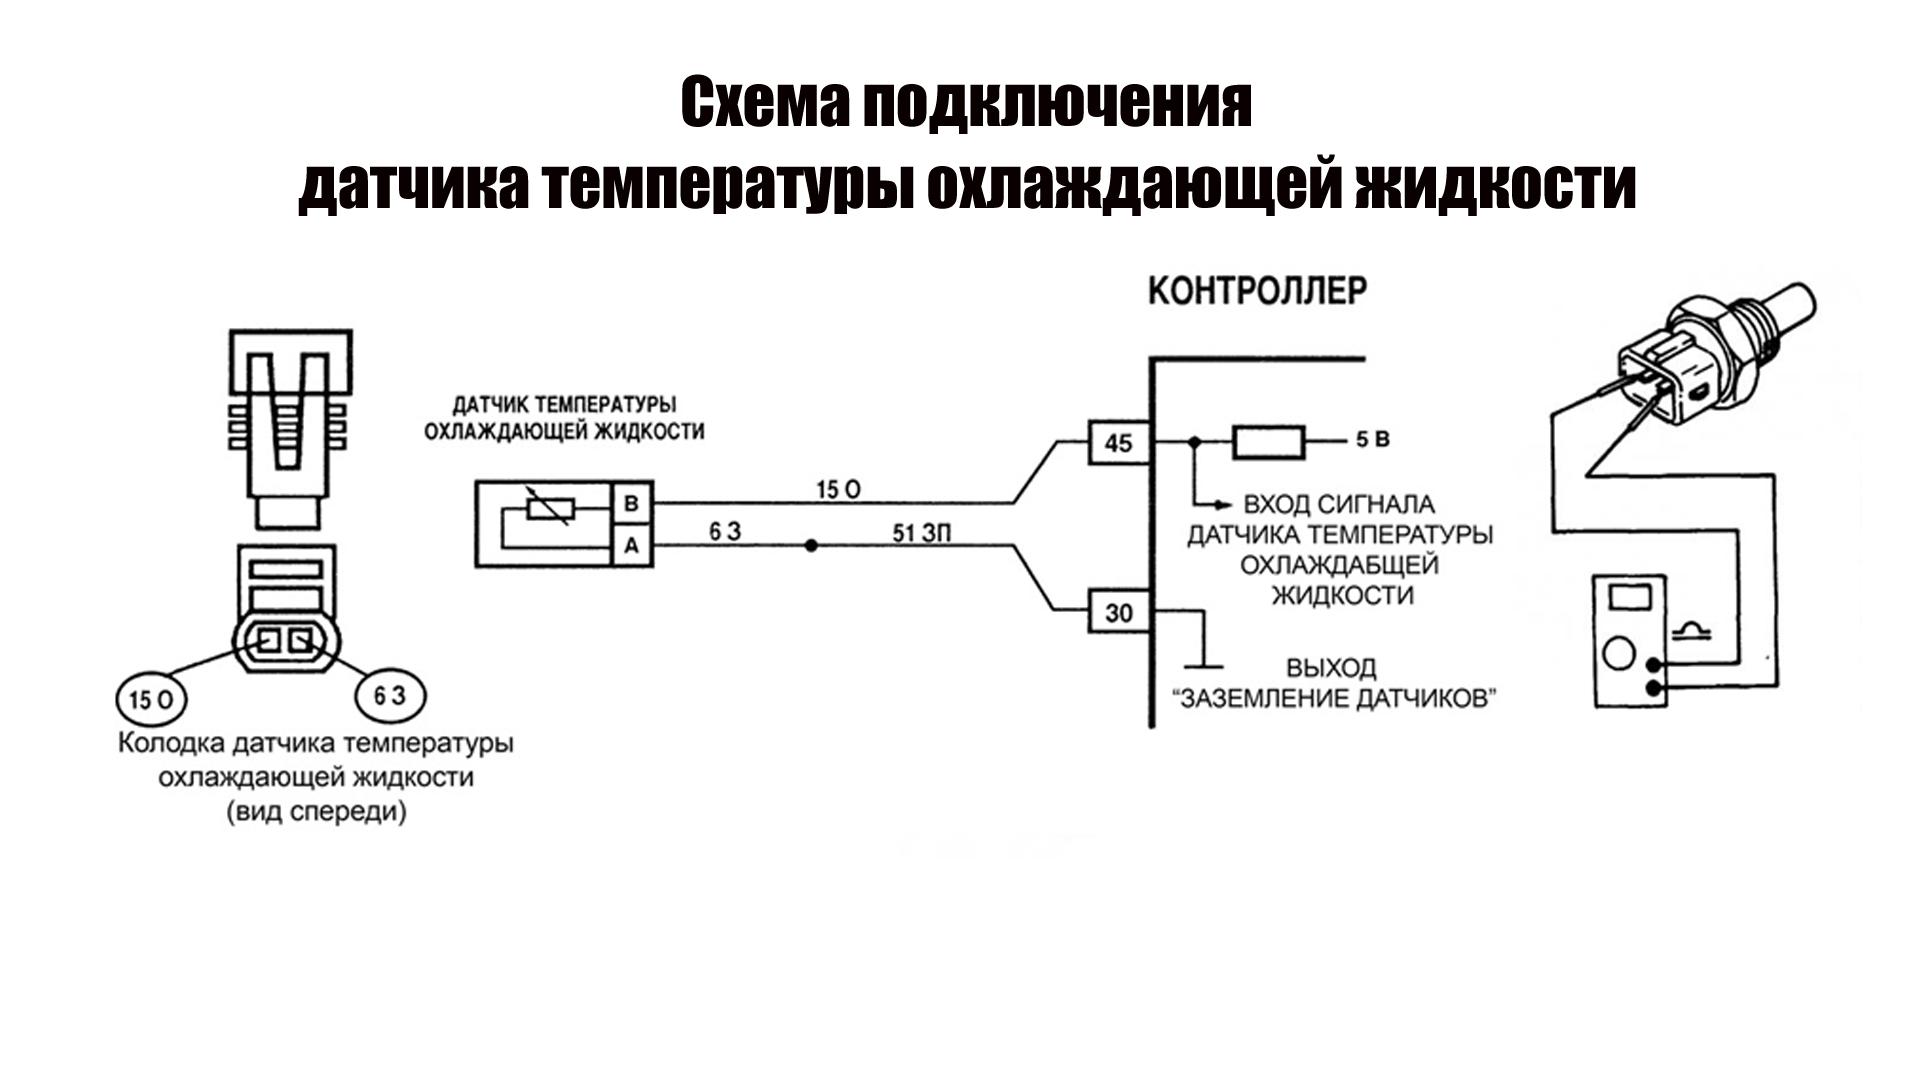 схема подключения датчика температуры ож